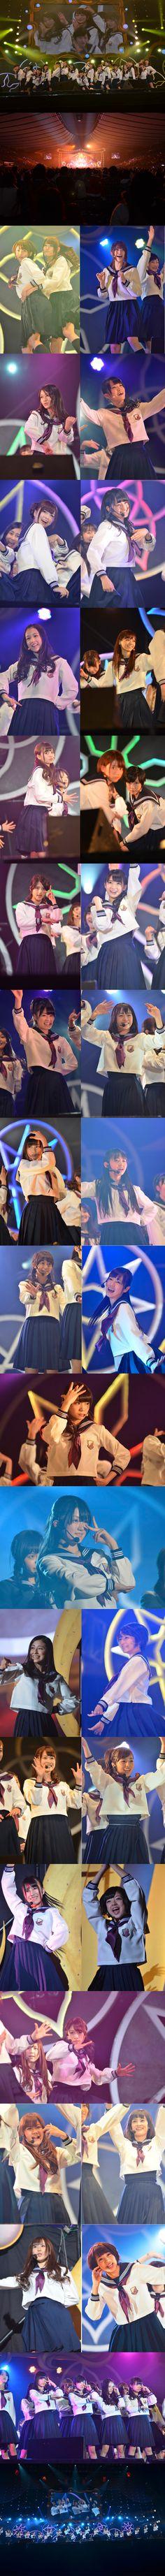 乃木坂46 (nogizaka46) One For All Max Winter Live ~ http://blog.nogizaka46.com/staff/2012/12/009343.php